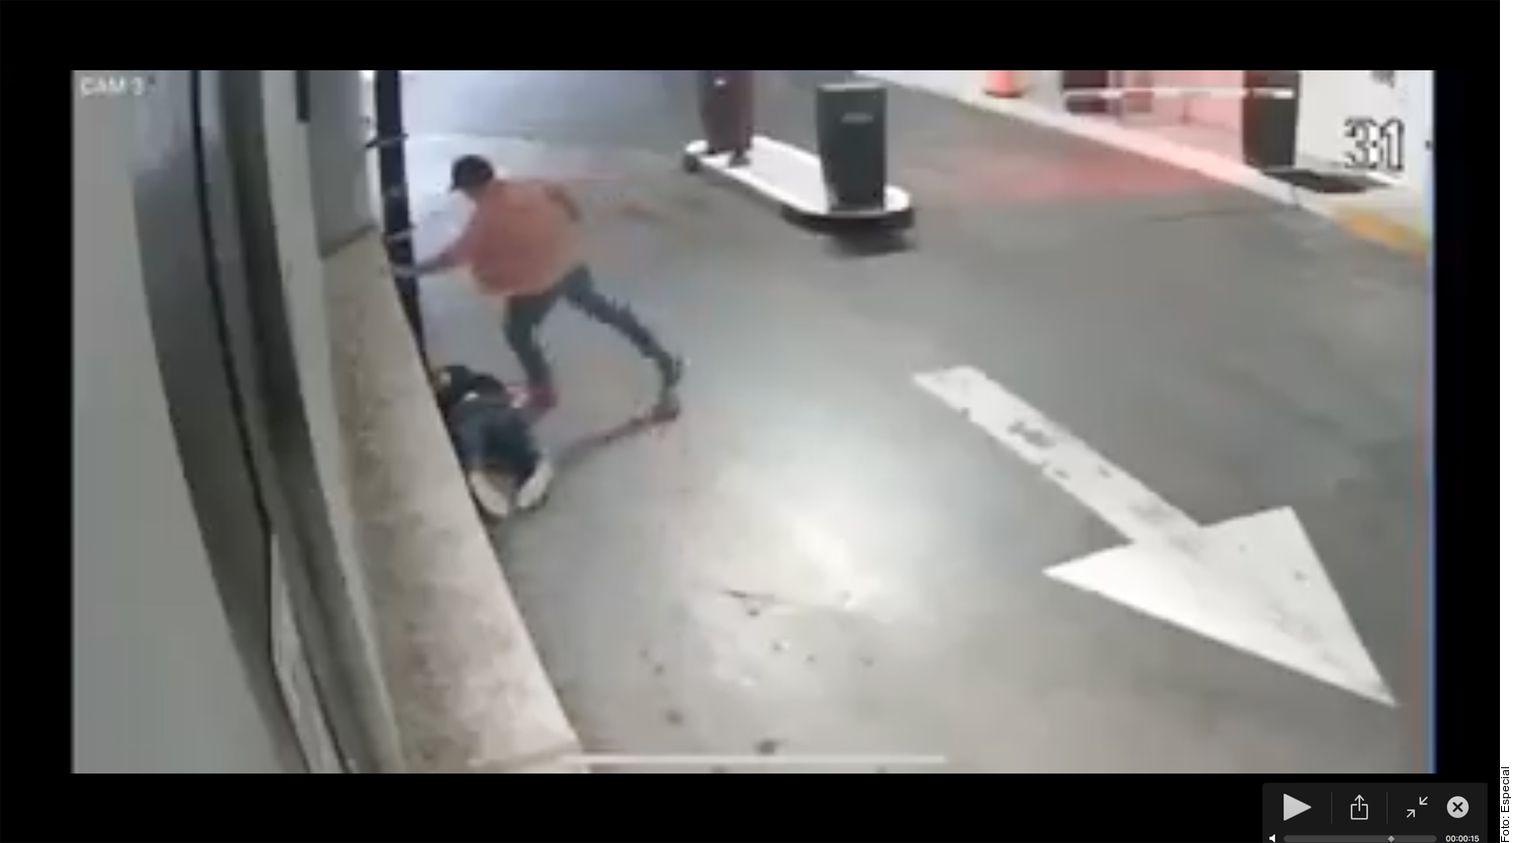 Luis Miranda Barrera (en el piso a la izq.), líder del Partido Verde en Toluca, fue agredido en el estacionamiento de la Plaza Arcos Bosques, en la Alcaldía de Cuajimalpa, según un video que circula en redes sociales.